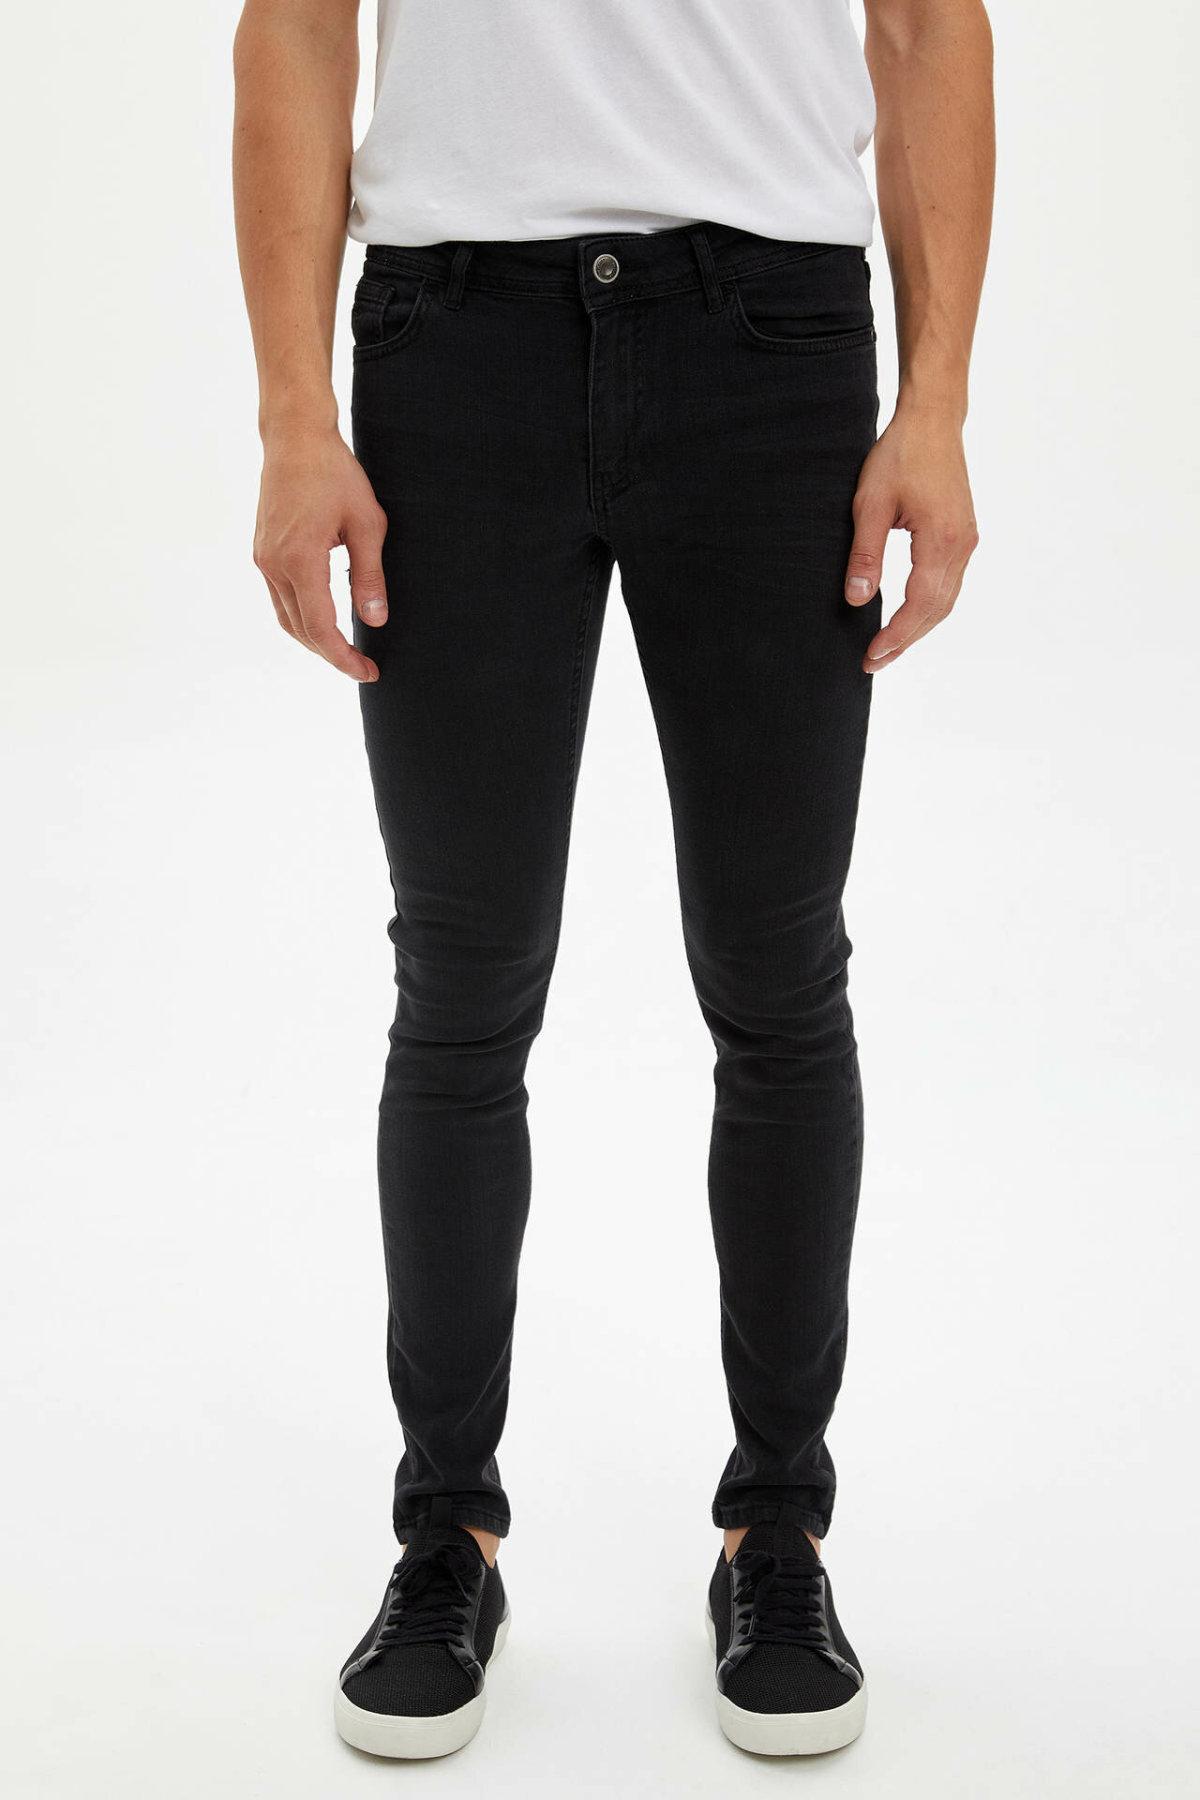 DeFacto Man Fashion Black Trousers Jeans Casual Classic Denim Jeans Casual Skinny Elasticity Pants Male -L6671AZ19AU